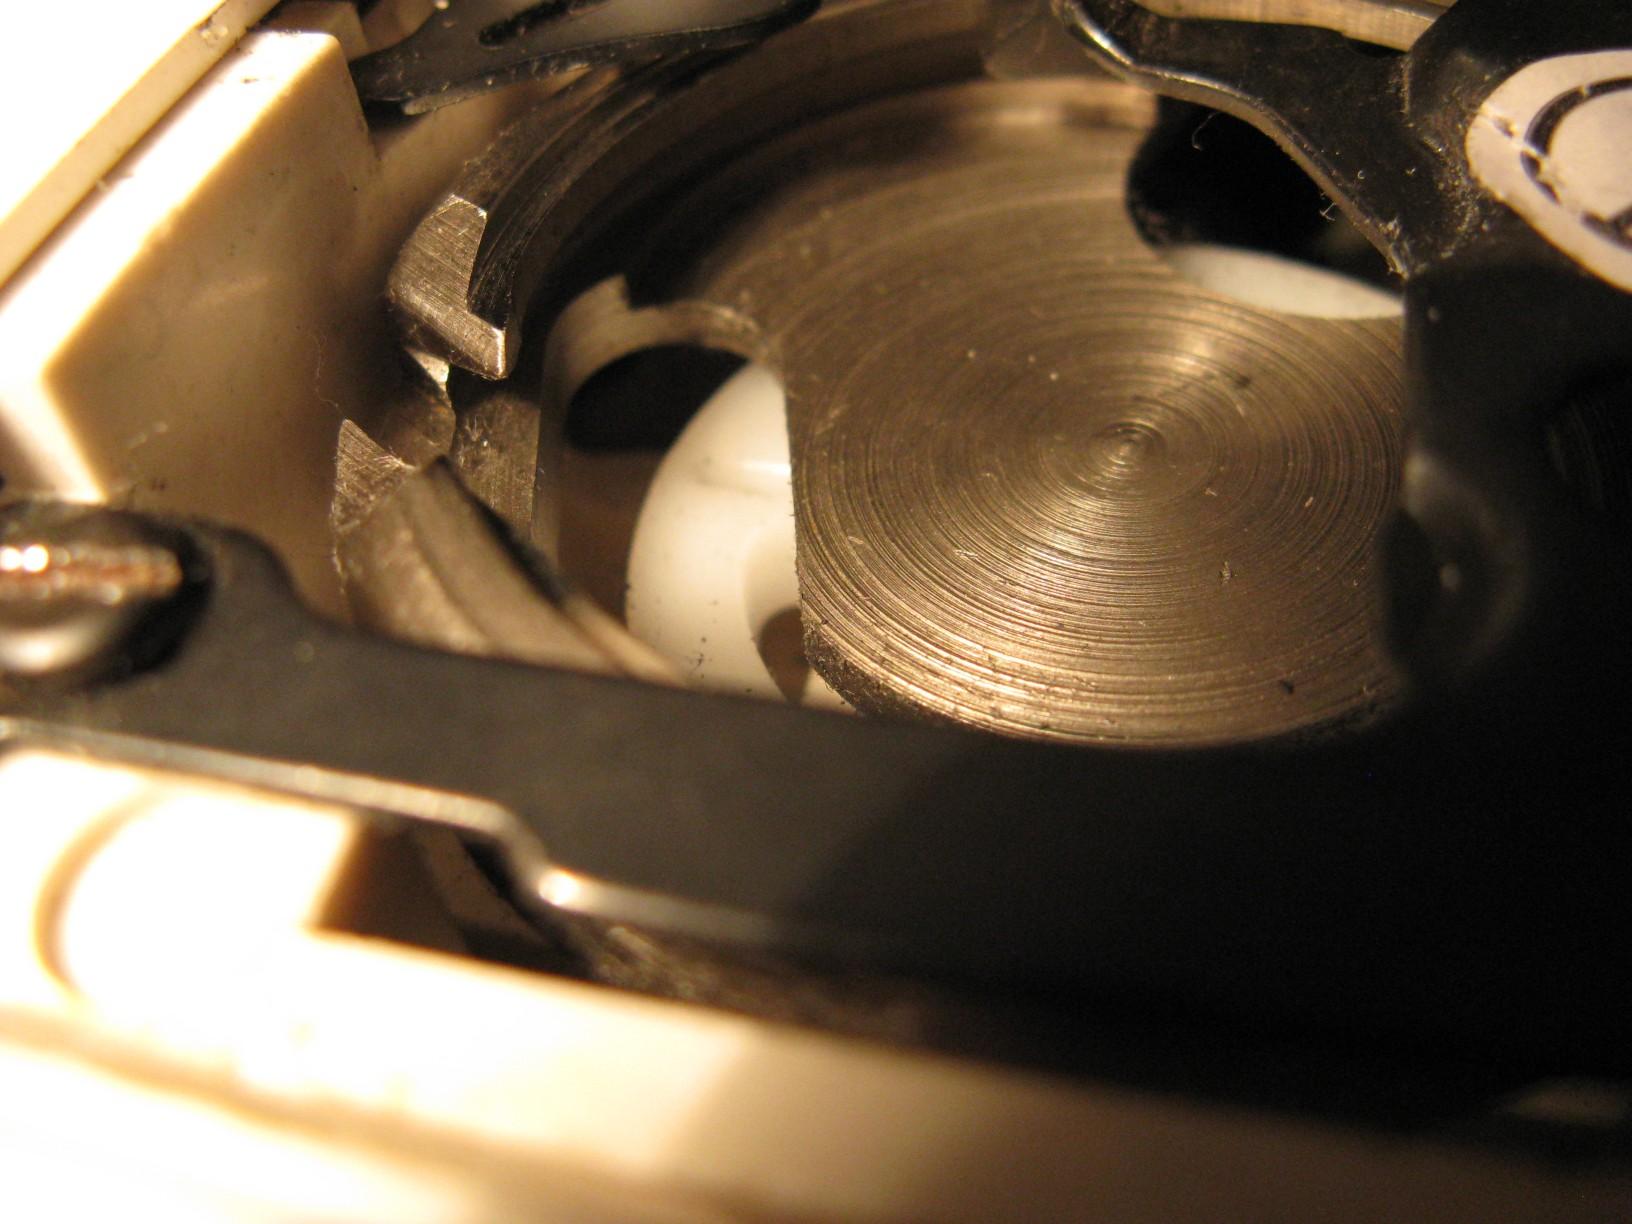 Singer 4228 nie chwyta dolnej nitki